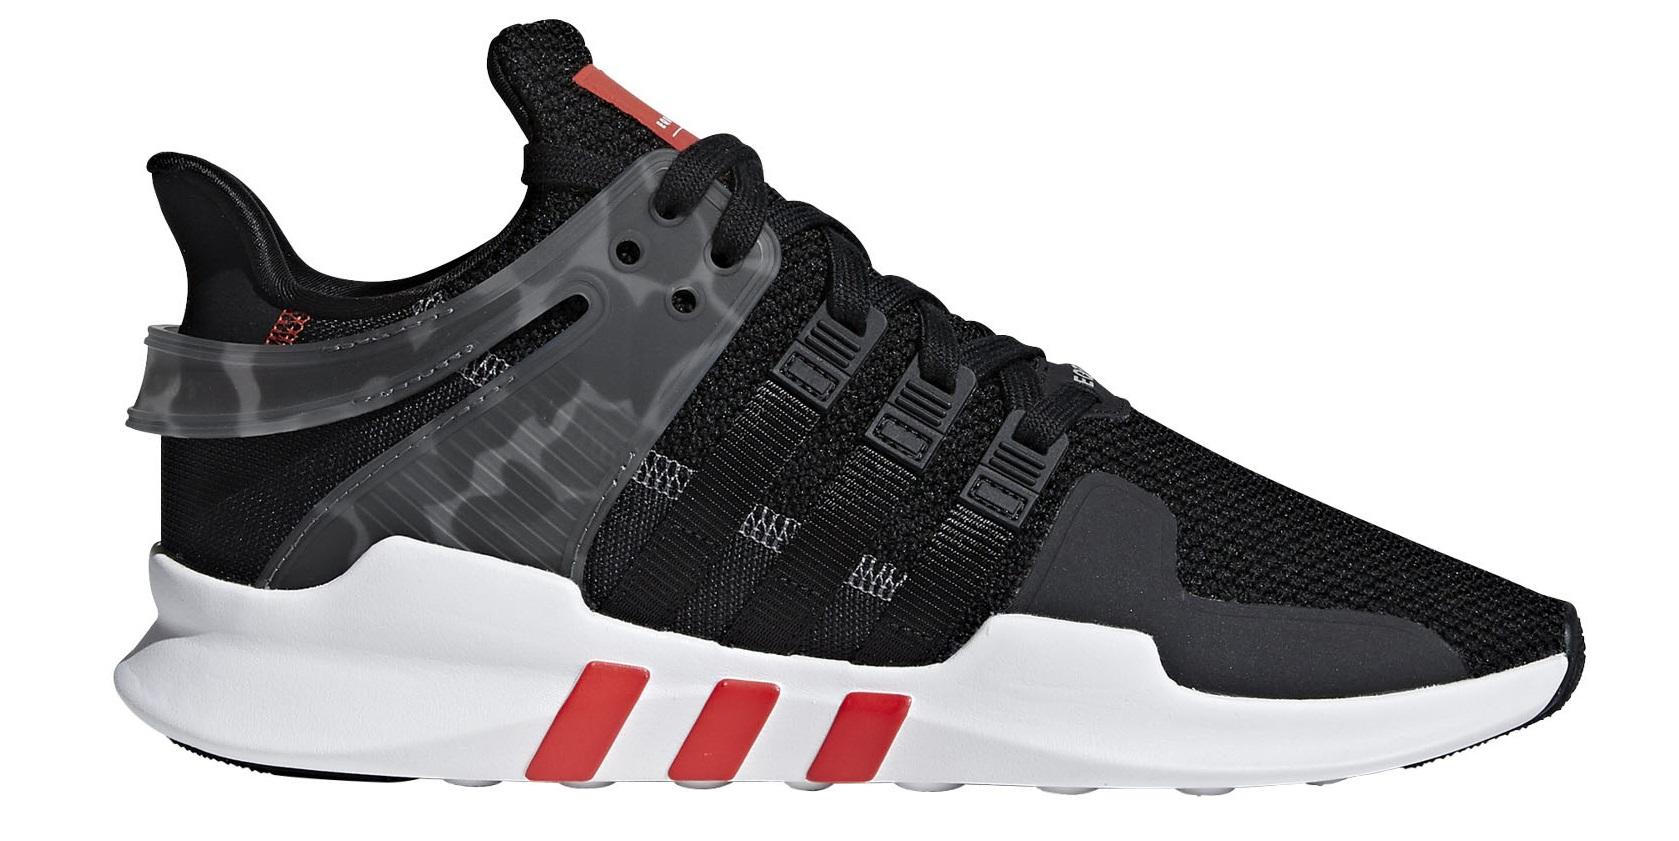 bd7ff76cebb5 Mens shoes EQT Bask ADV colore Black - Adidas Originals - SportIT.com